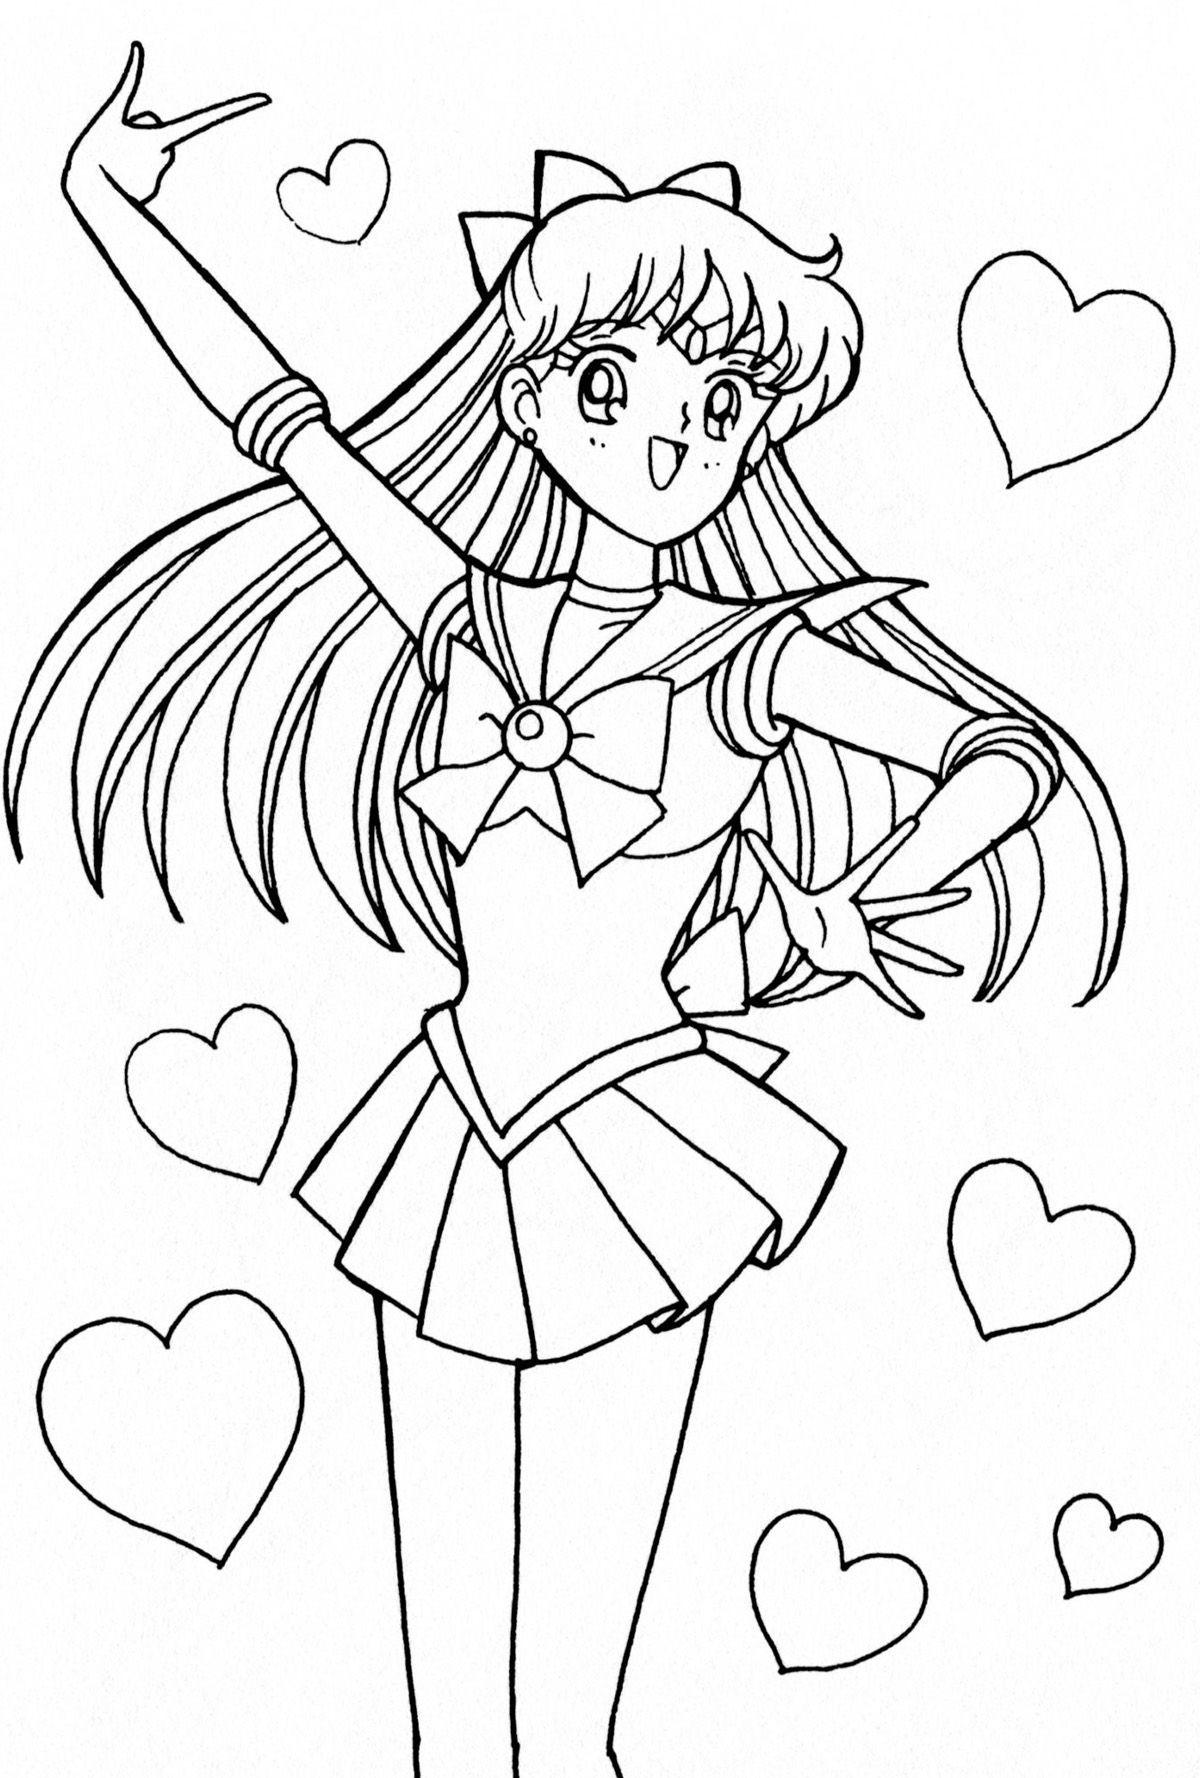 Sailor Venus Coloring Pages Sailor Moon Coloring Pages Cute Coloring Pages Sailor Venus